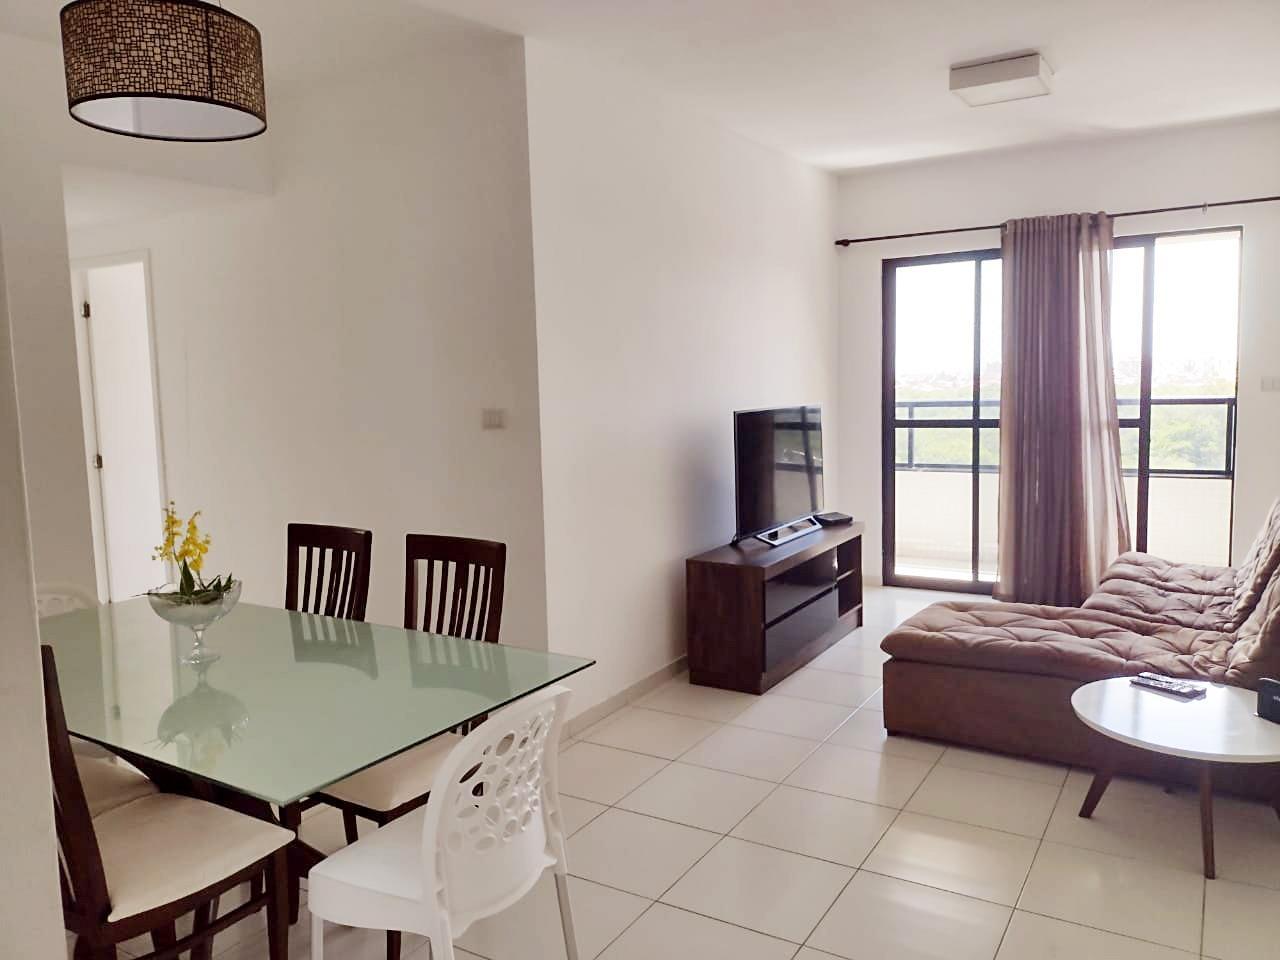 Apartamento à venda, 3 quartos, 1 suíte, 2 vagas, Farolândia - Aracaju/SE